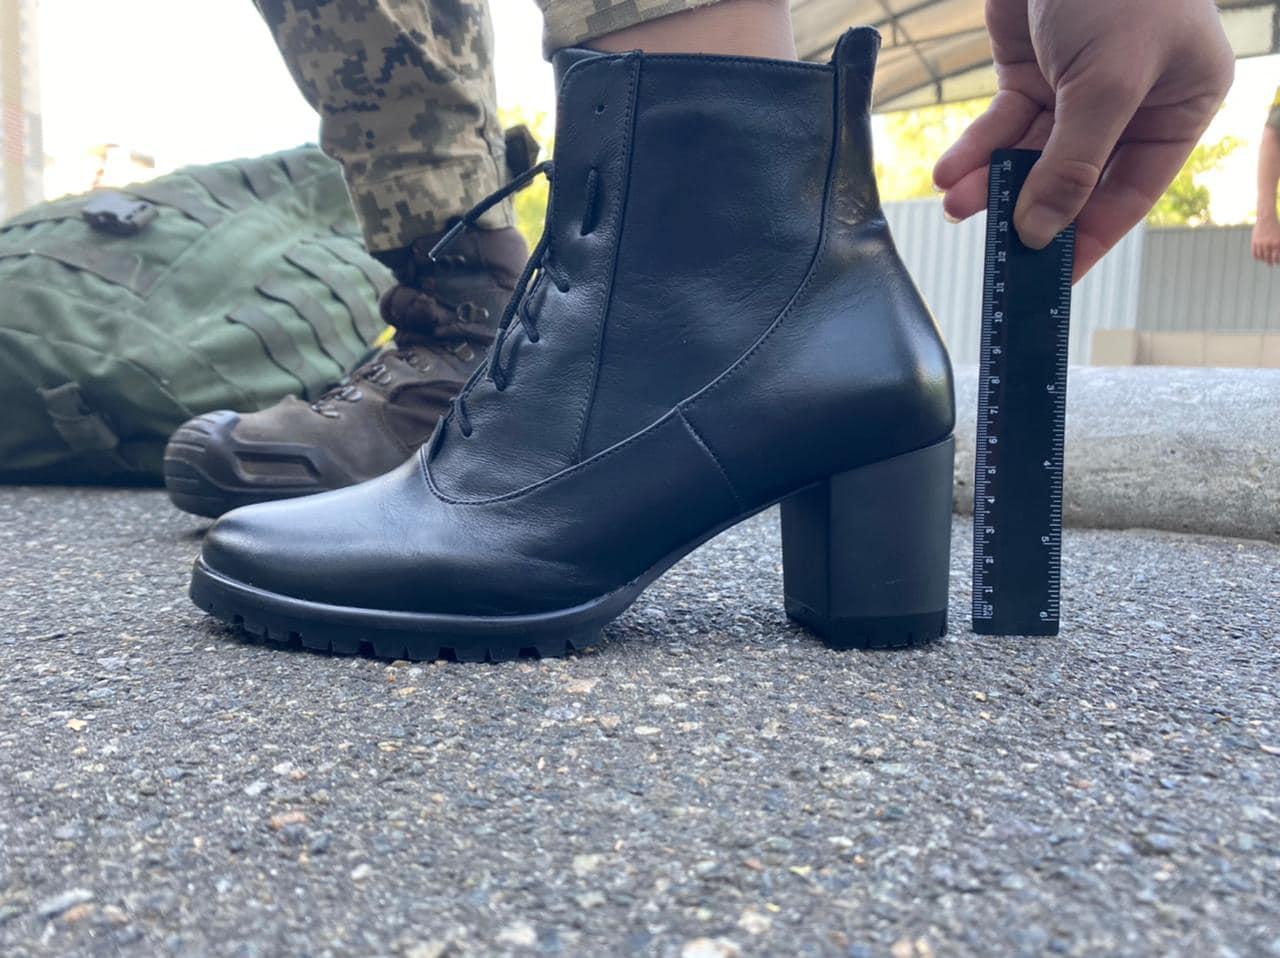 """Курсантки на параде. Минобороны предложило вместо туфель """"экспериментальную модель"""": фото"""